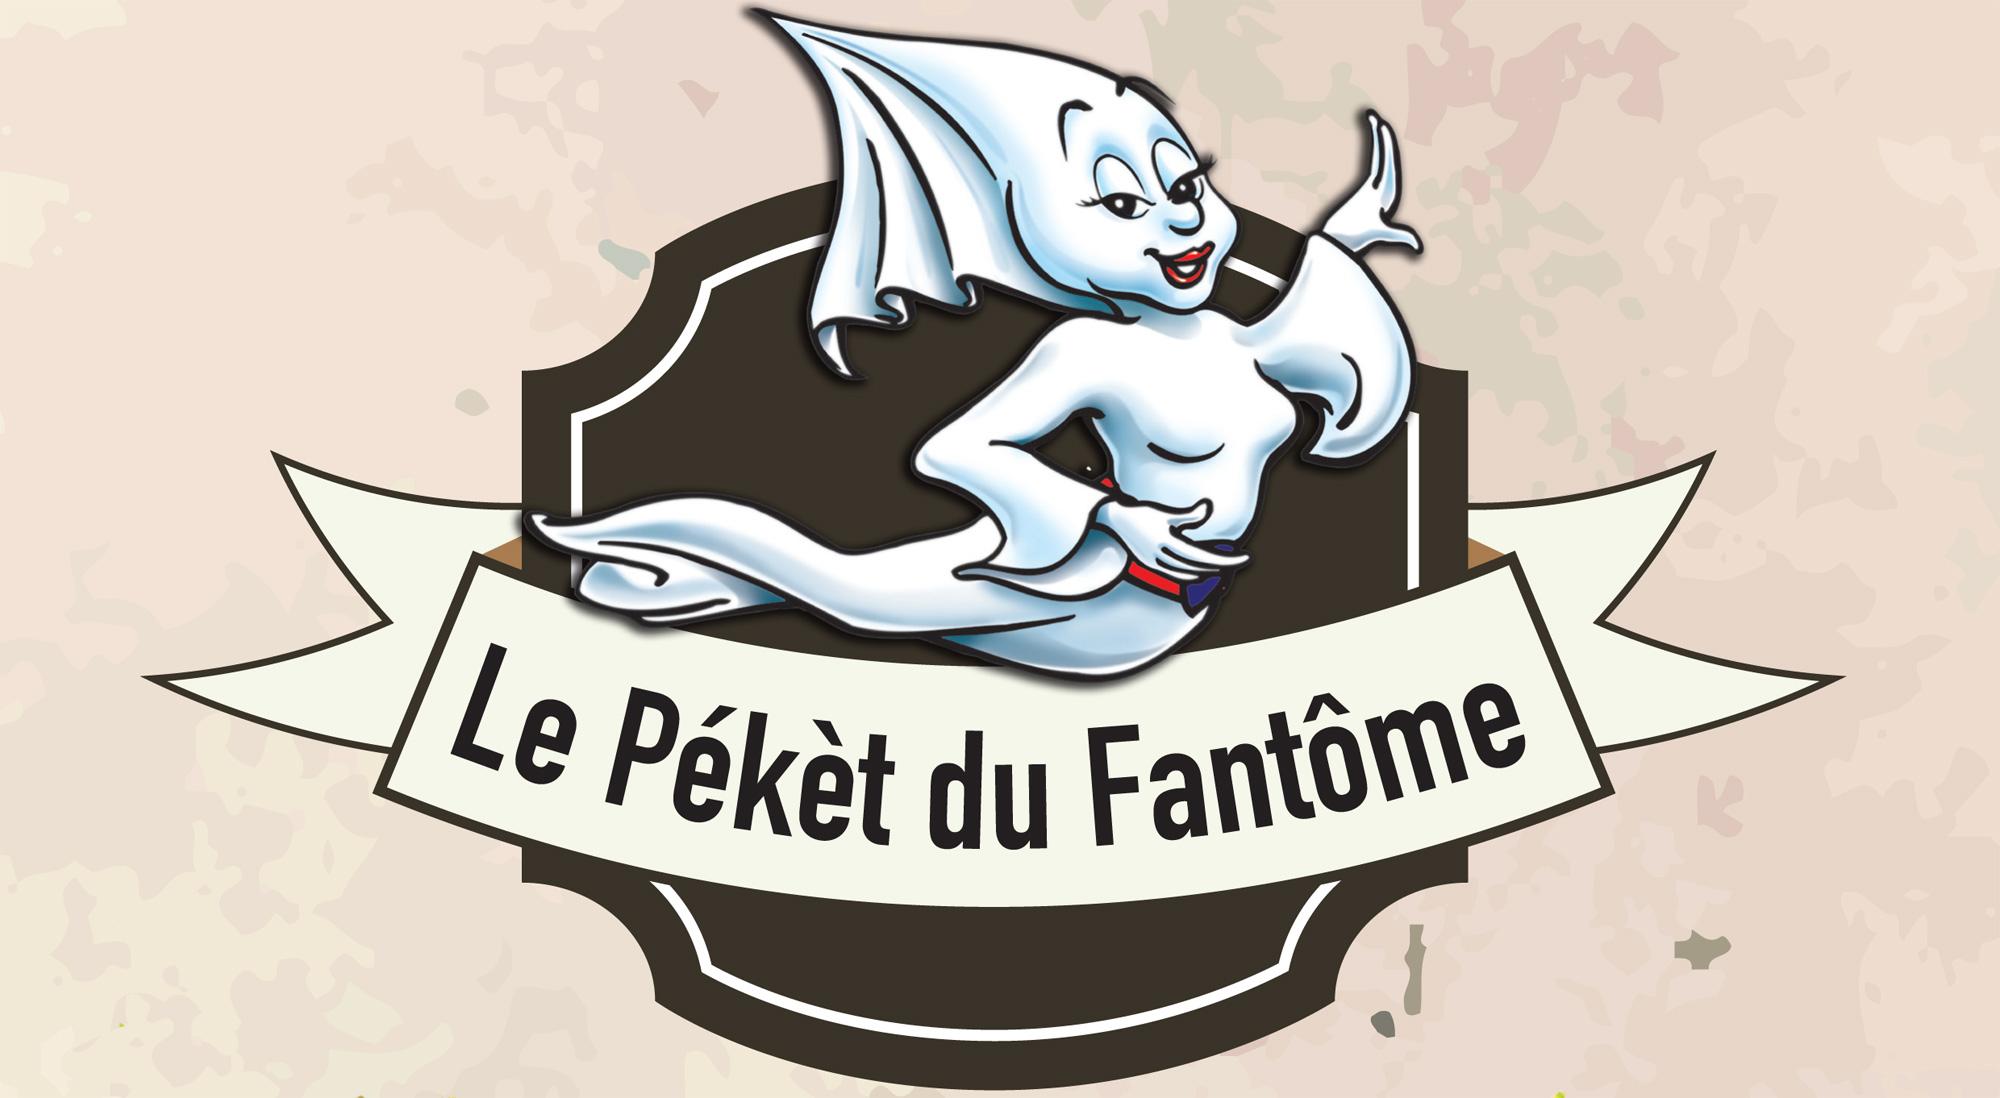 Peket du Fantome Cave du Venitien